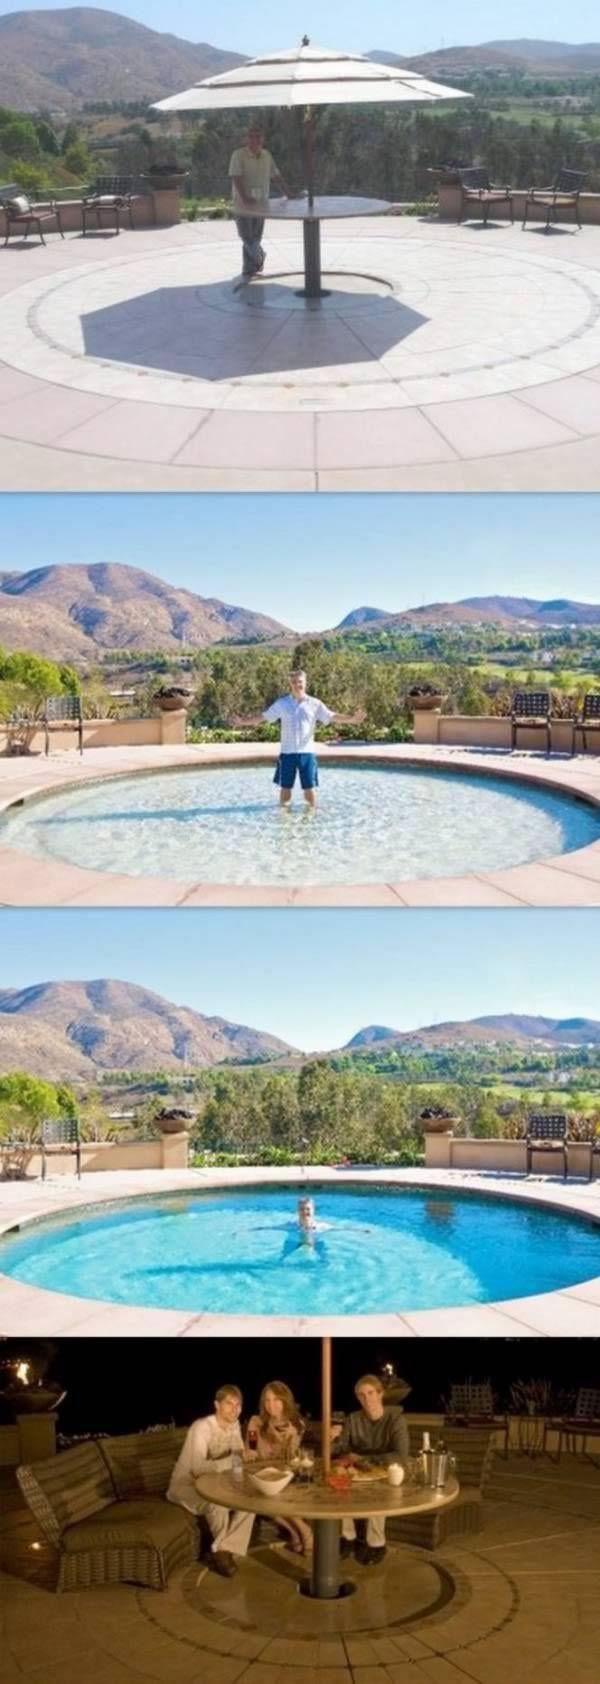 15 best ideas about walk in pool on pinterest zero for Walk in pool designs